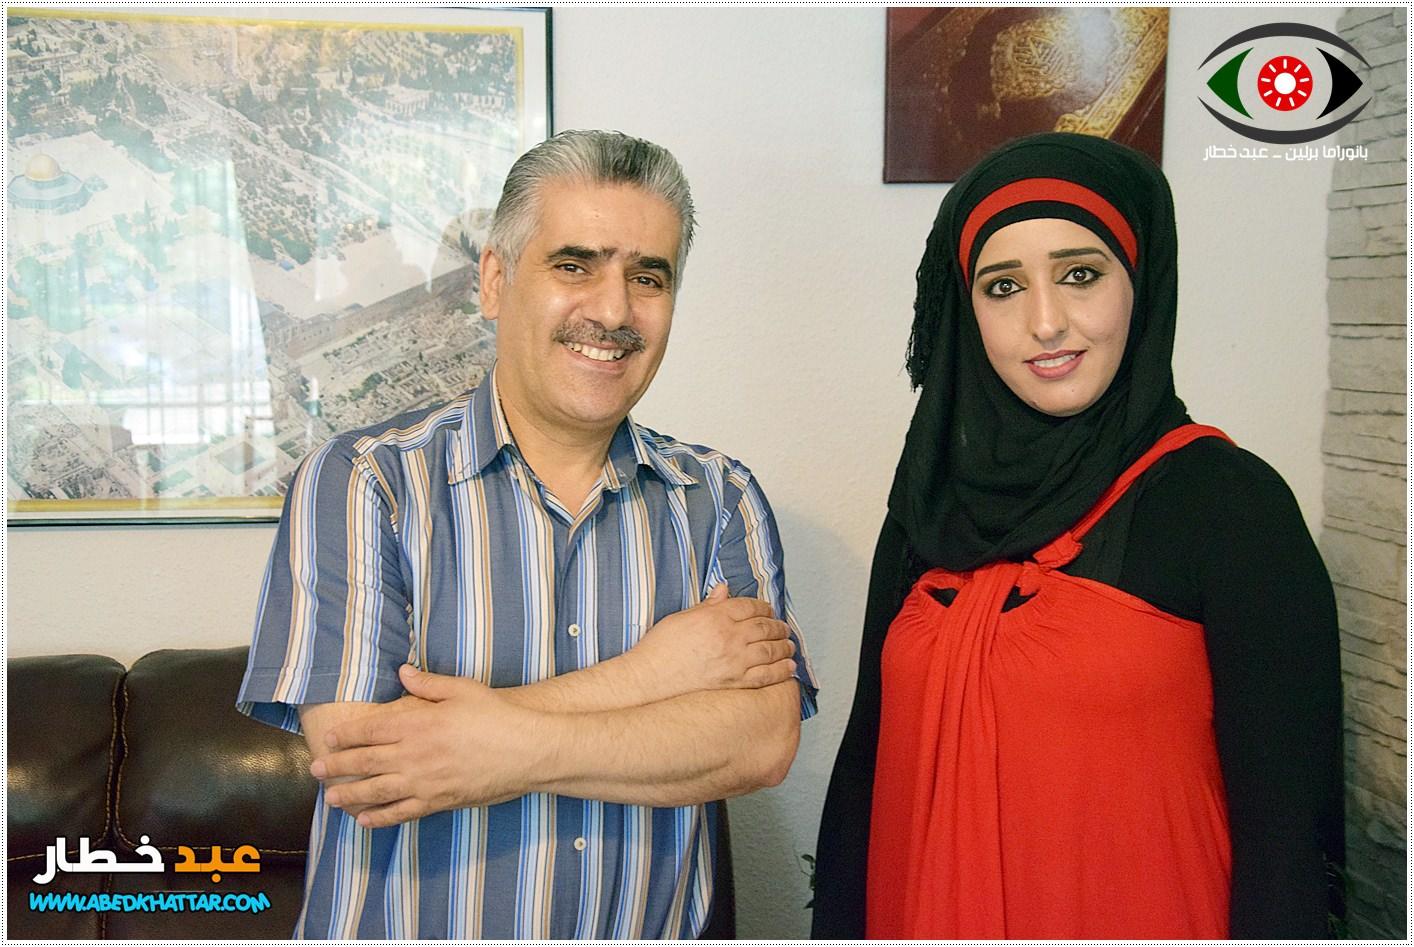 حلقة جديدة من برنامج بانوراما برلين مع الفنان السوري عبدالقادر أصلي في برلين